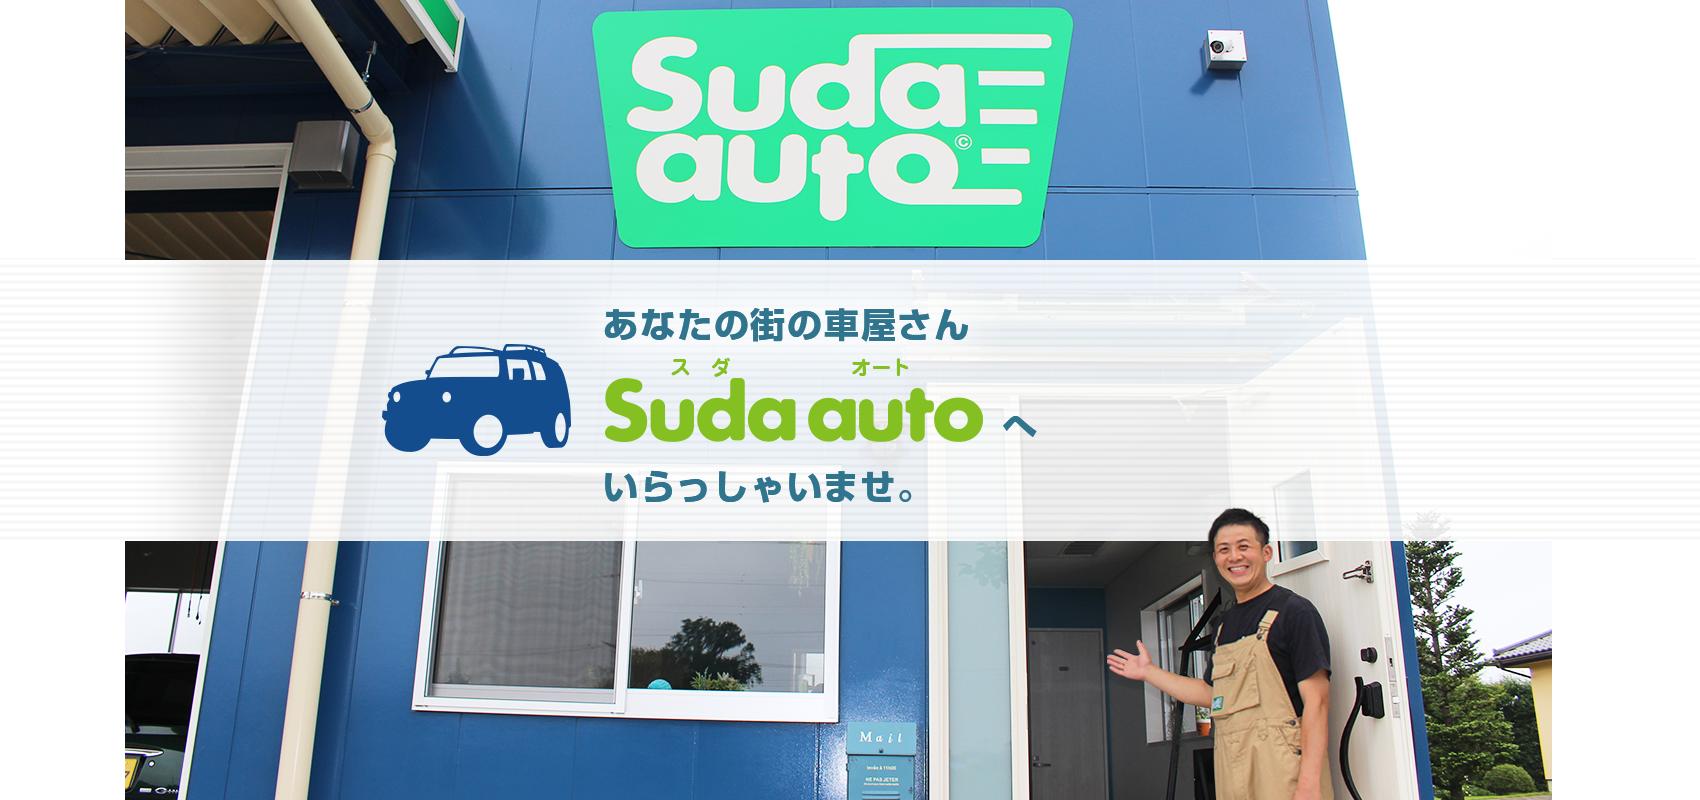 Suda auto メインビジュアル画像 画像